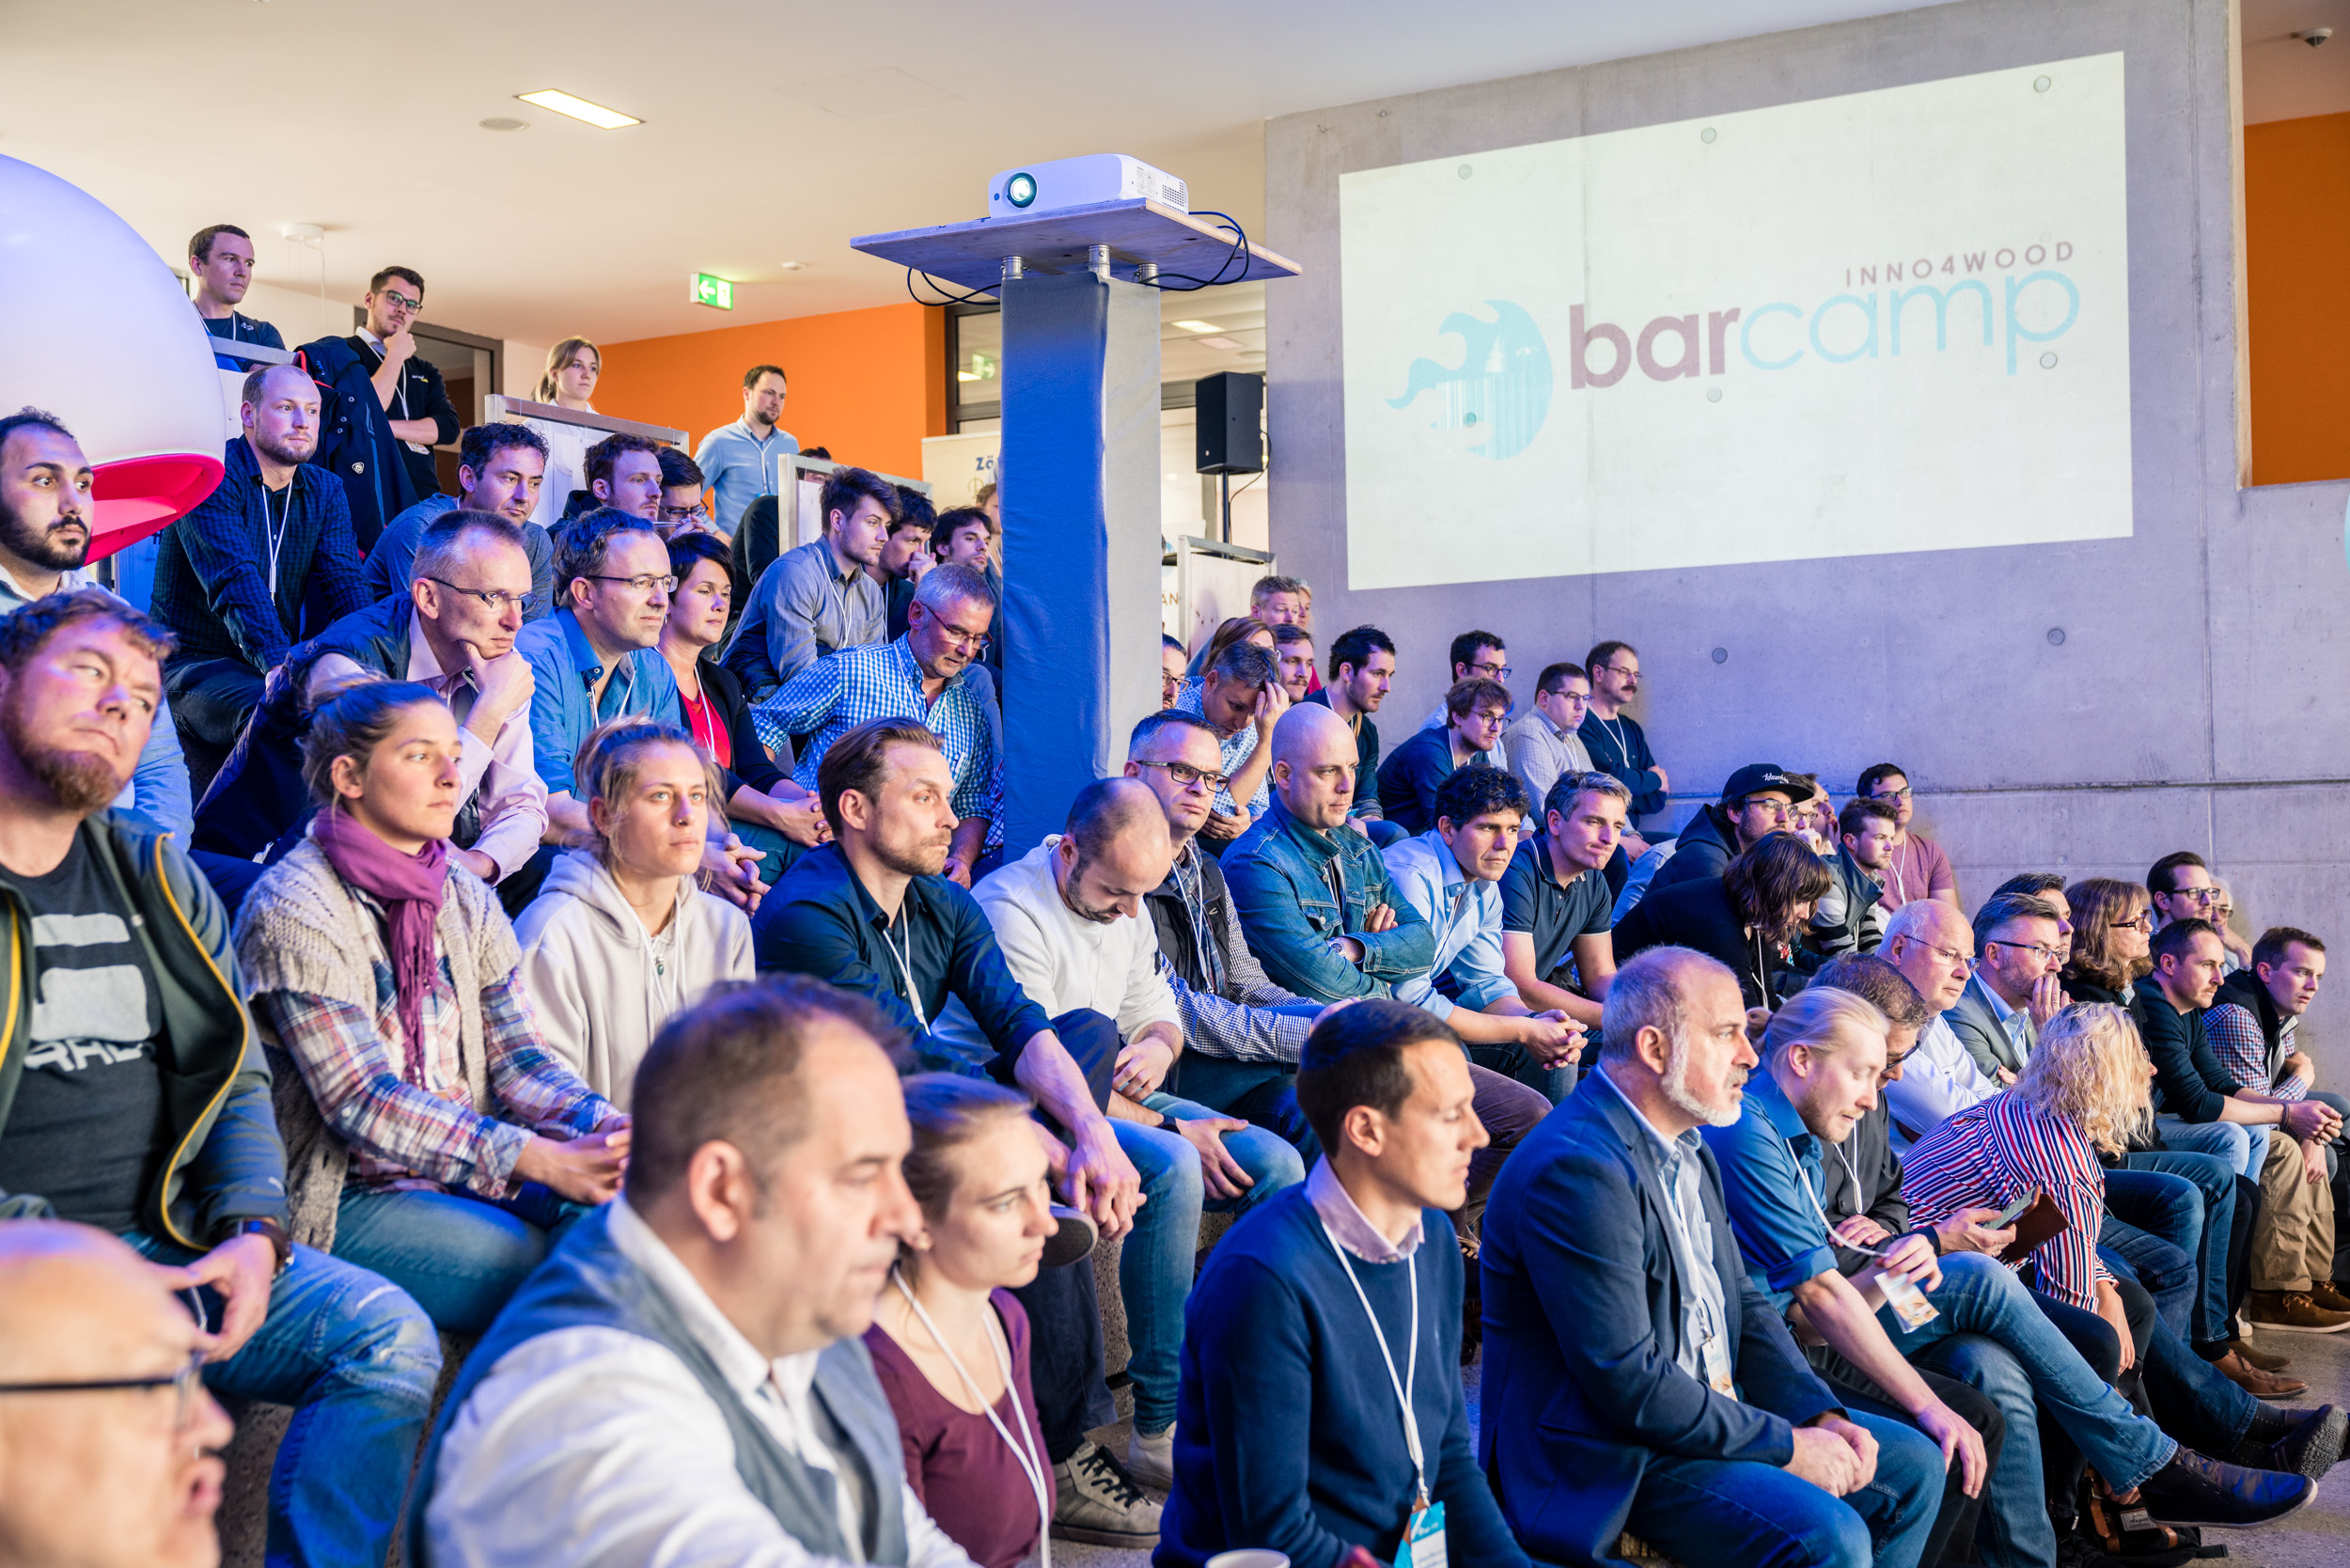 Inno4wood-Barcamp; Teilnehmer; Hochschule Kempten